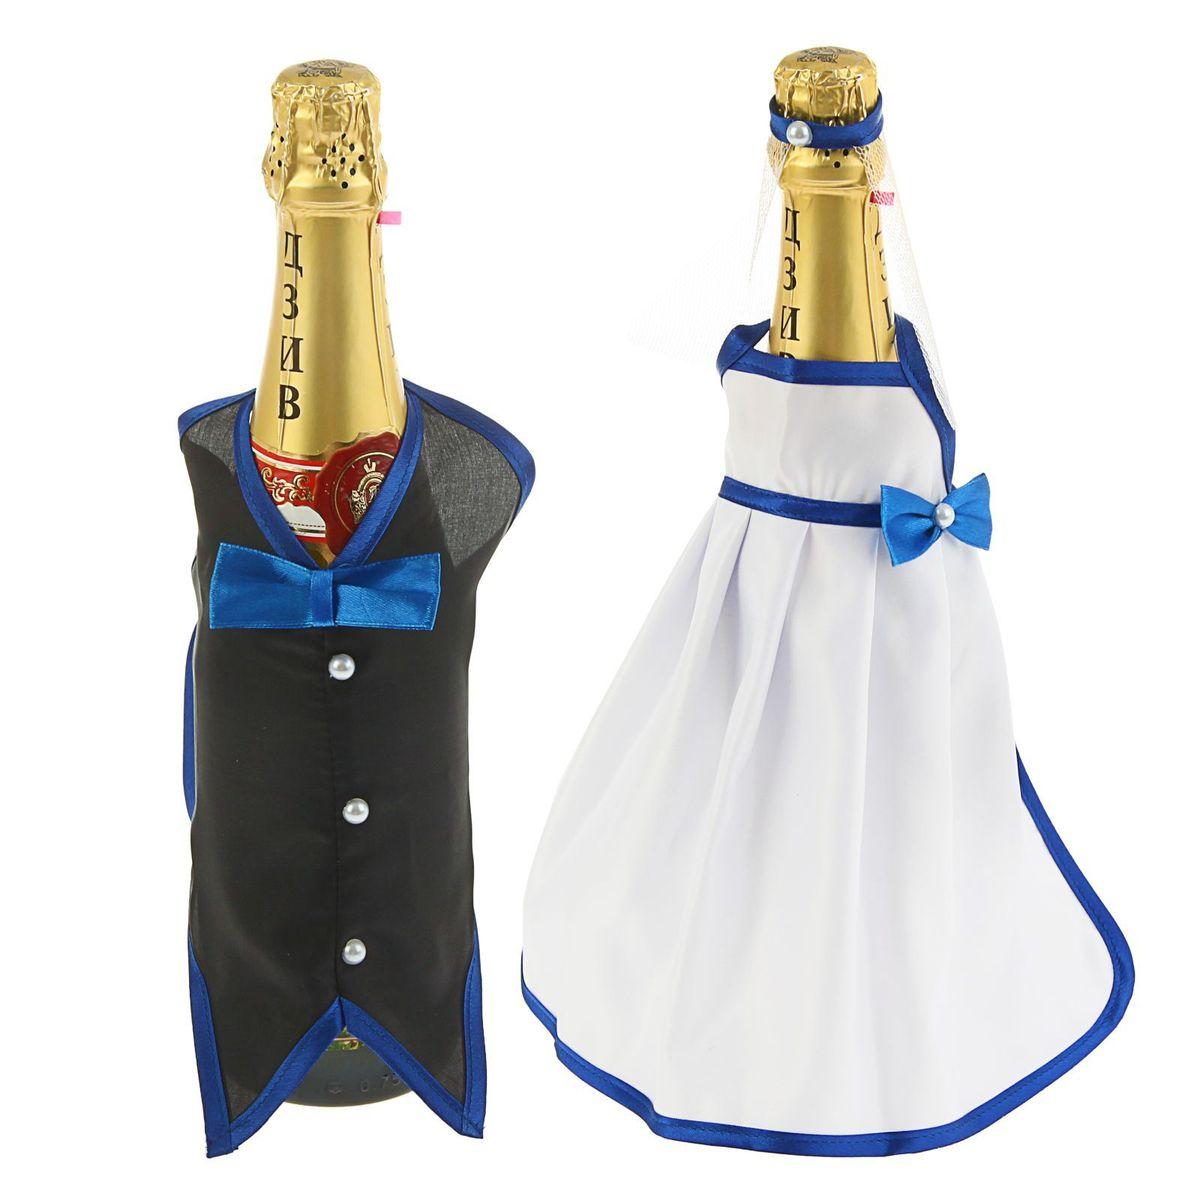 Одежда на бутылку Sima-land, цвет: белый, черный, синий. 11618671161867Красиво оформленный свадебный стол - это эффектное, неординарное и очень значимое обрамление для проведения запланированного вами торжества. Украшение для бутылки - это красивое и оригинальное украшение зала, которое дополнит выбранный стиль мероприятия и передаст праздничное настроение вам и вашим гостям.